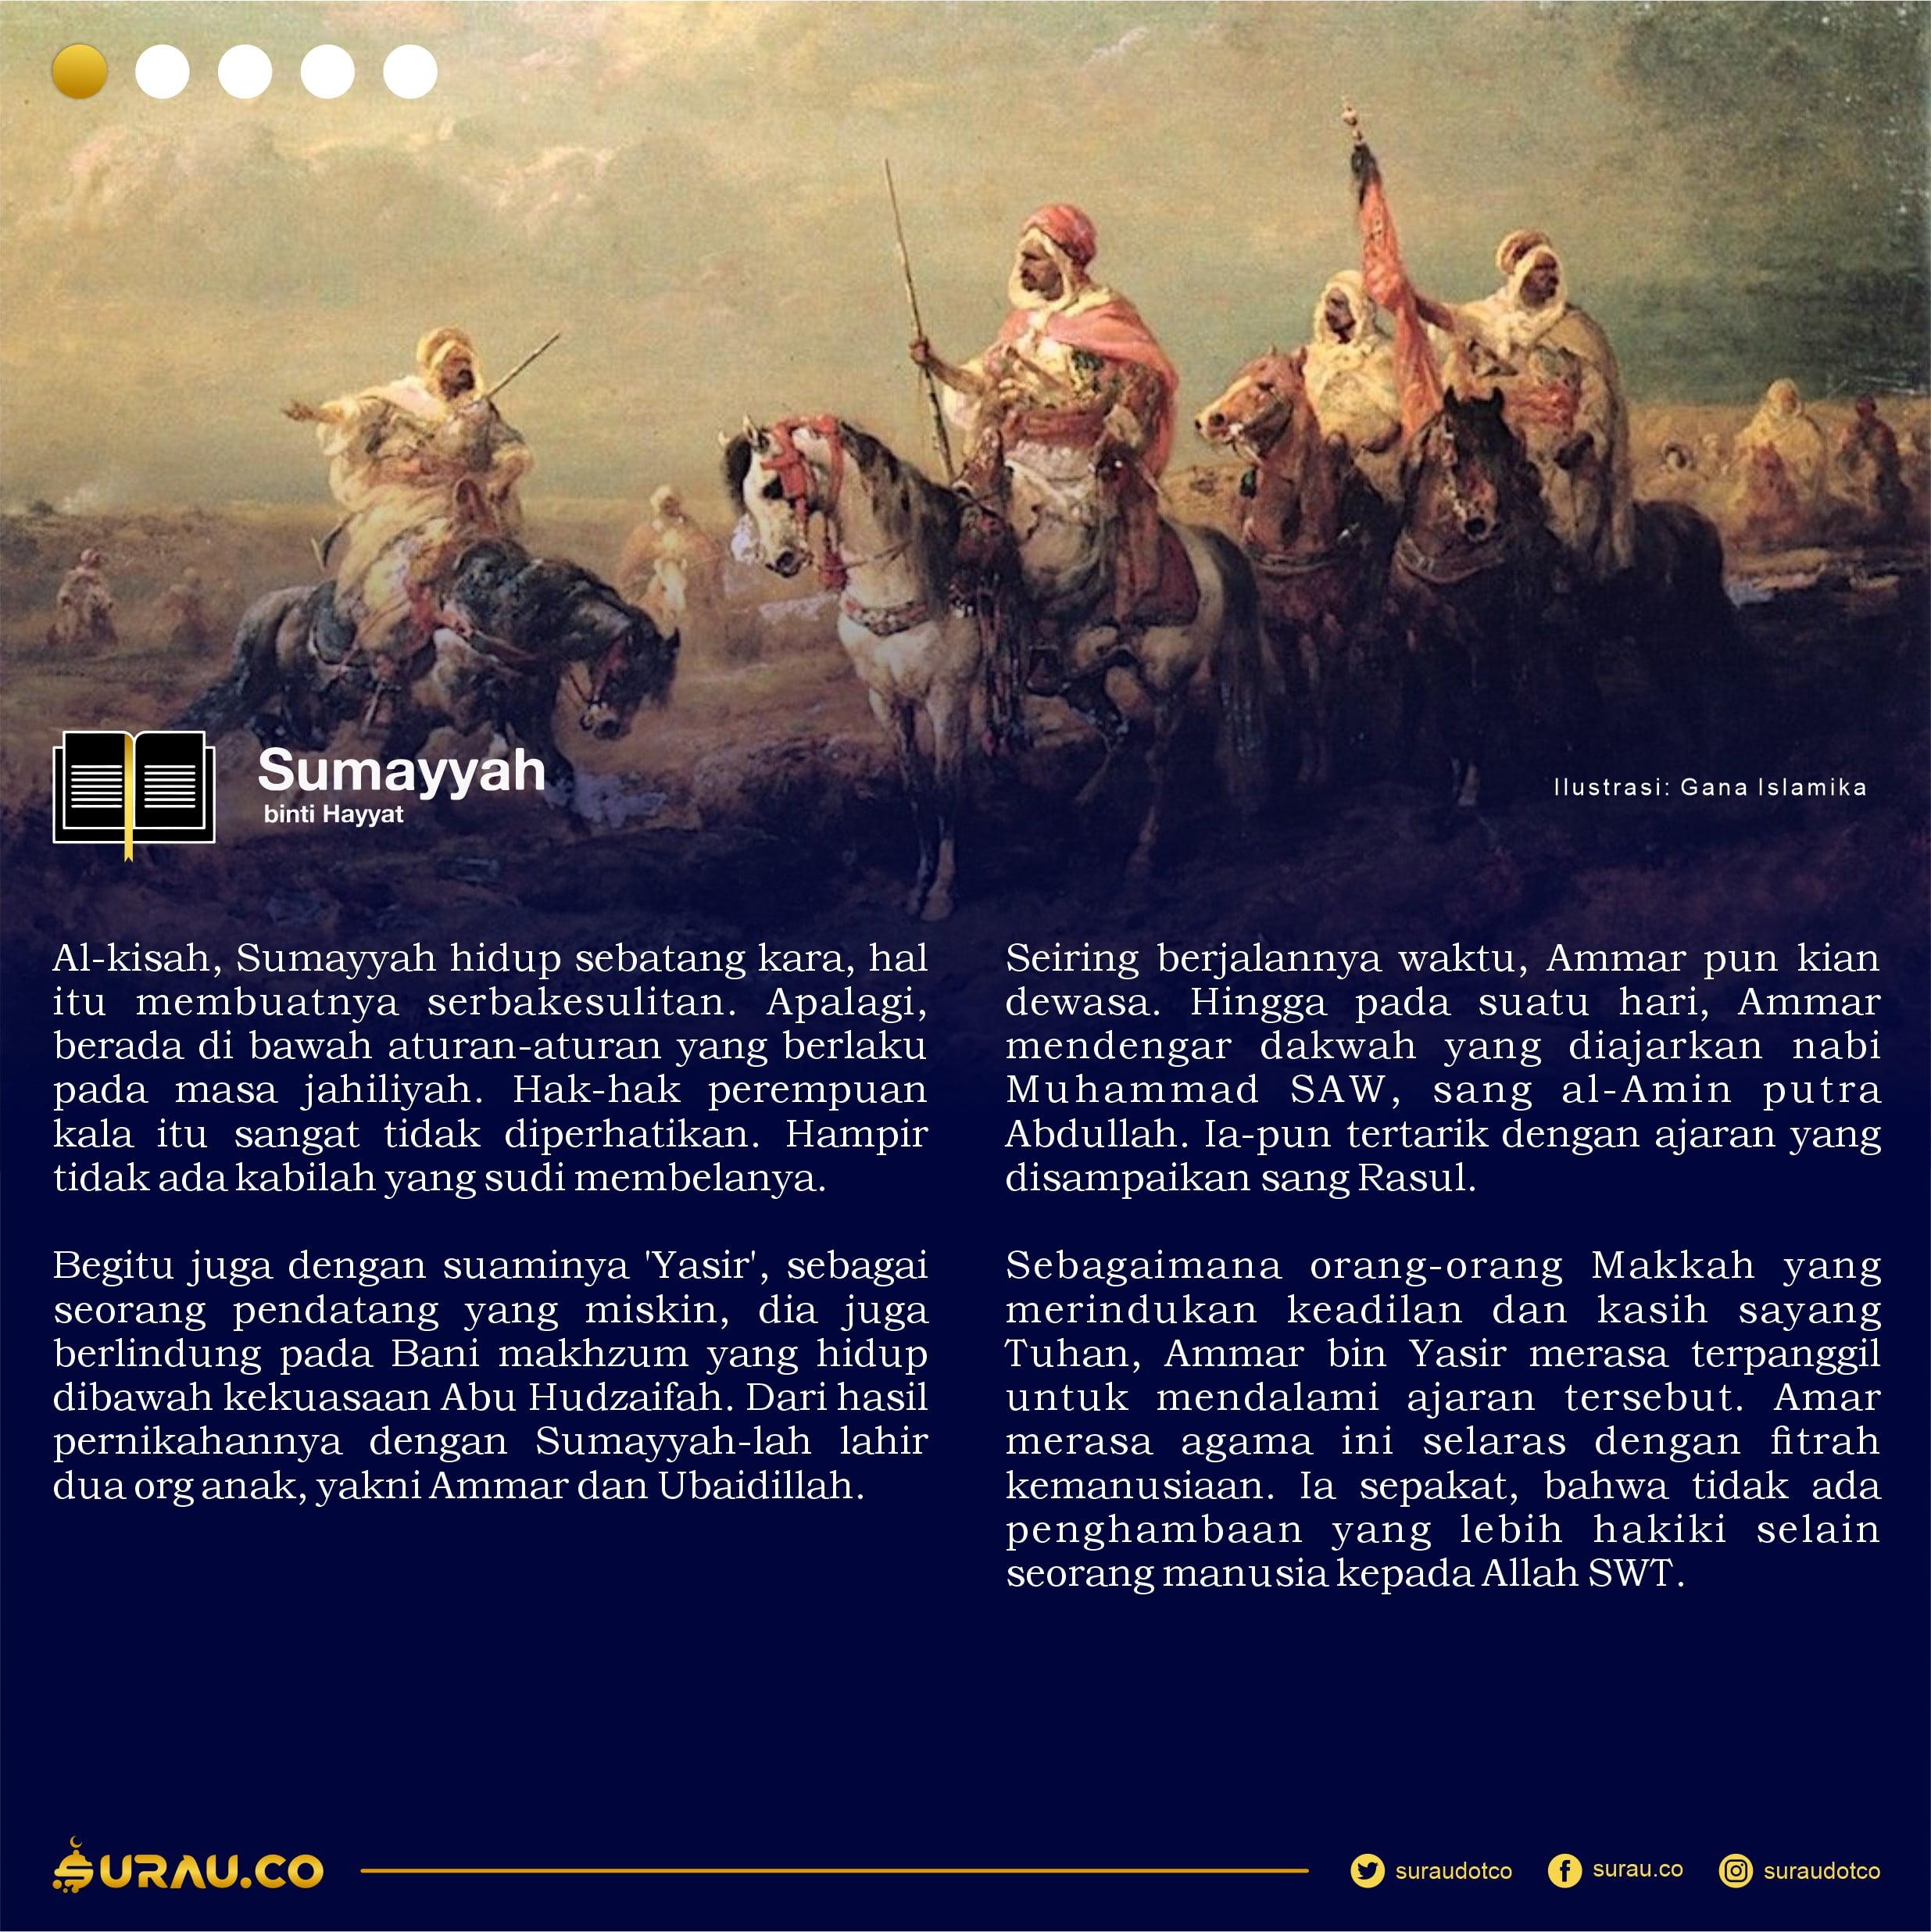 Kisah Sumayyah slide 1